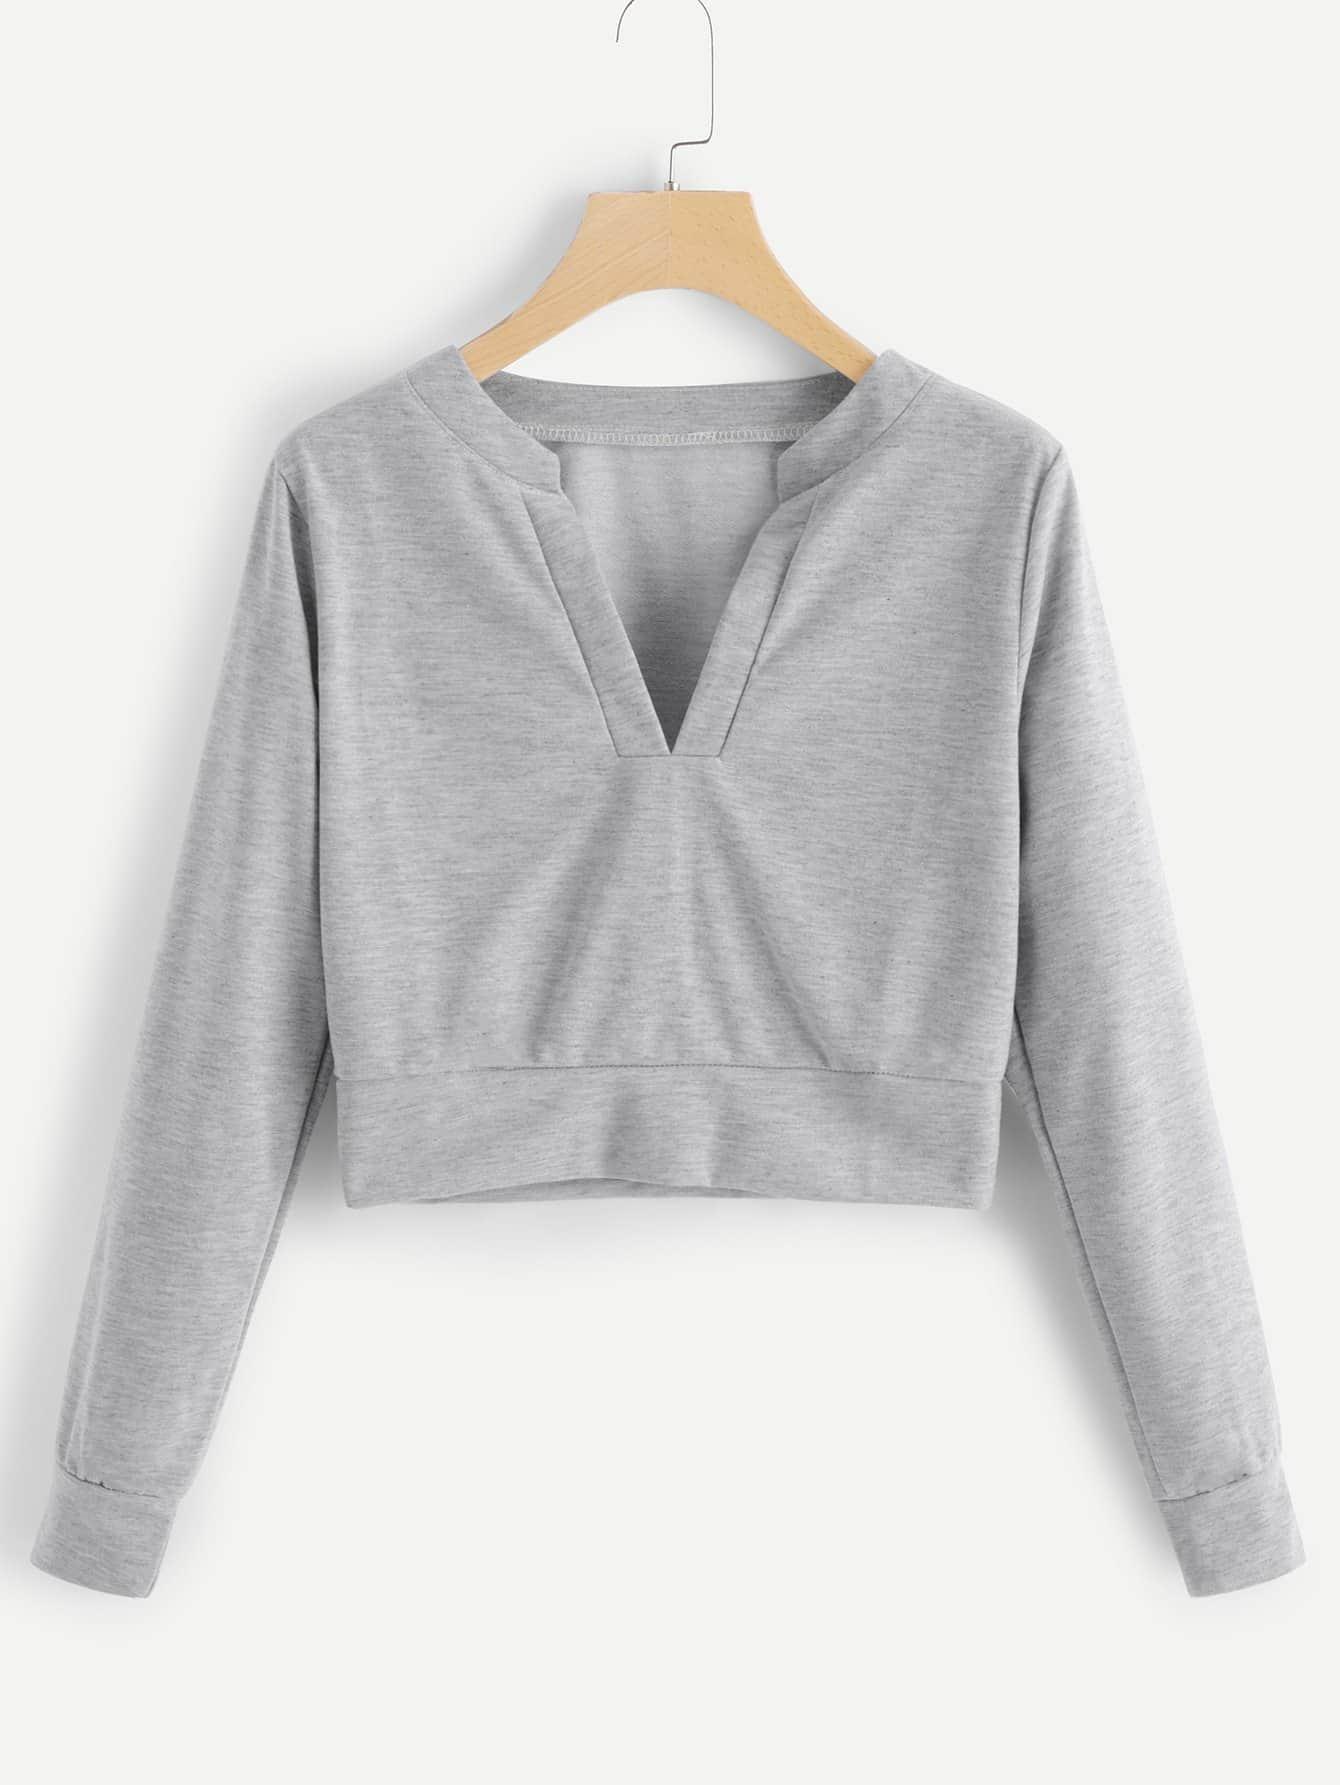 Купить Модный свитшот с V-образным вырезом, null, SheIn